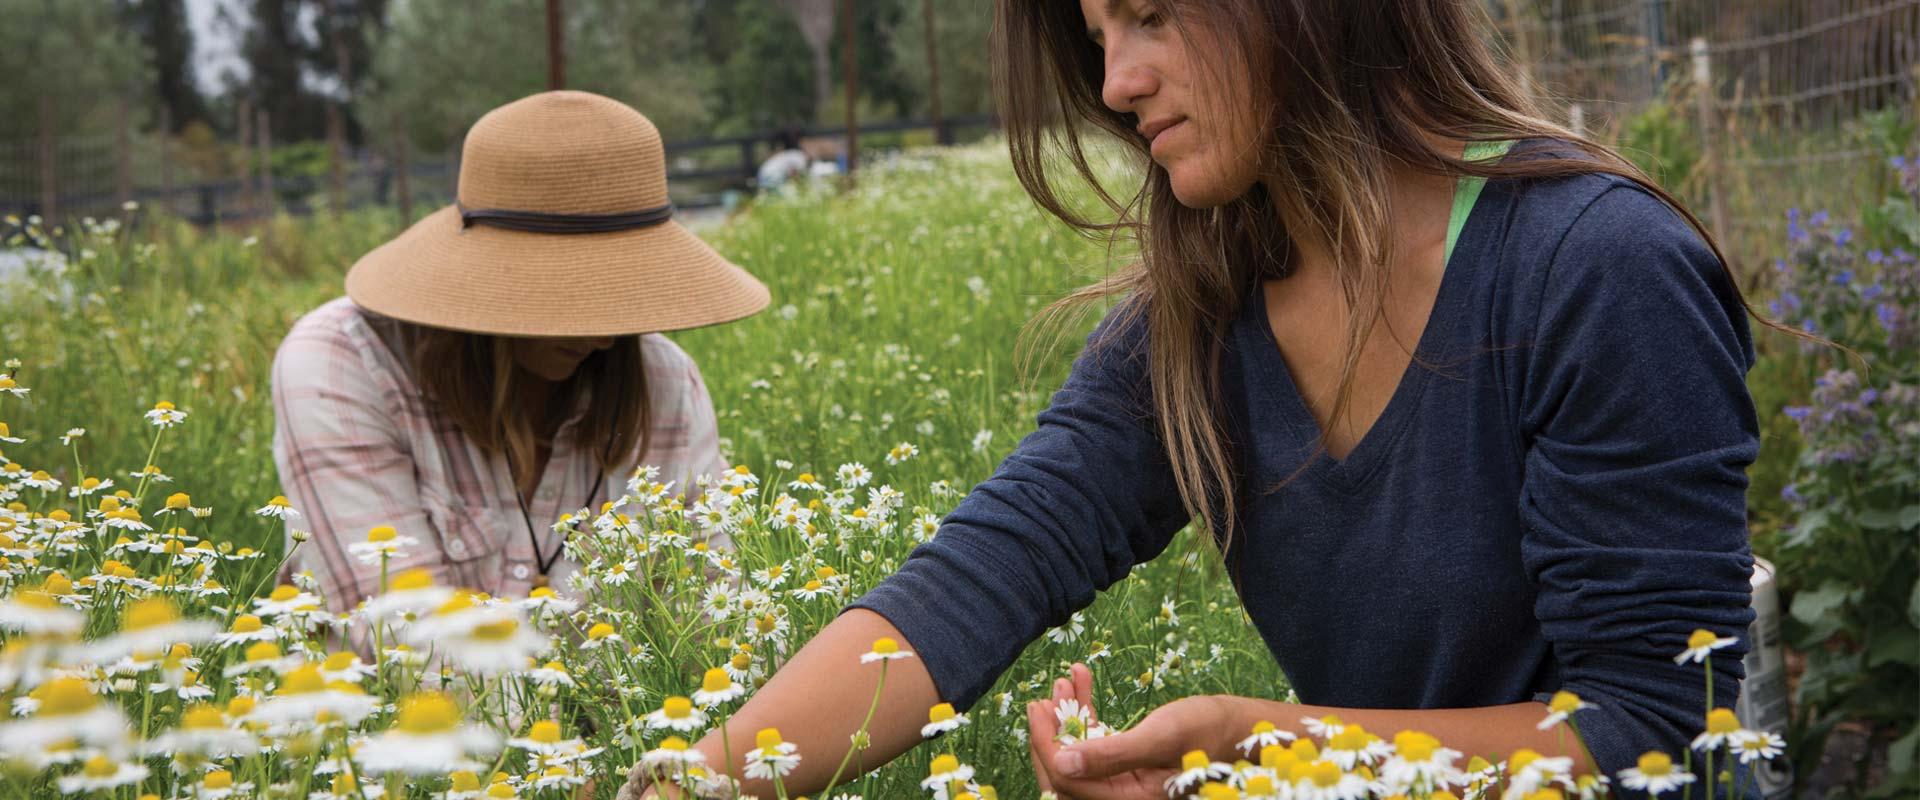 women picking flowers in a field